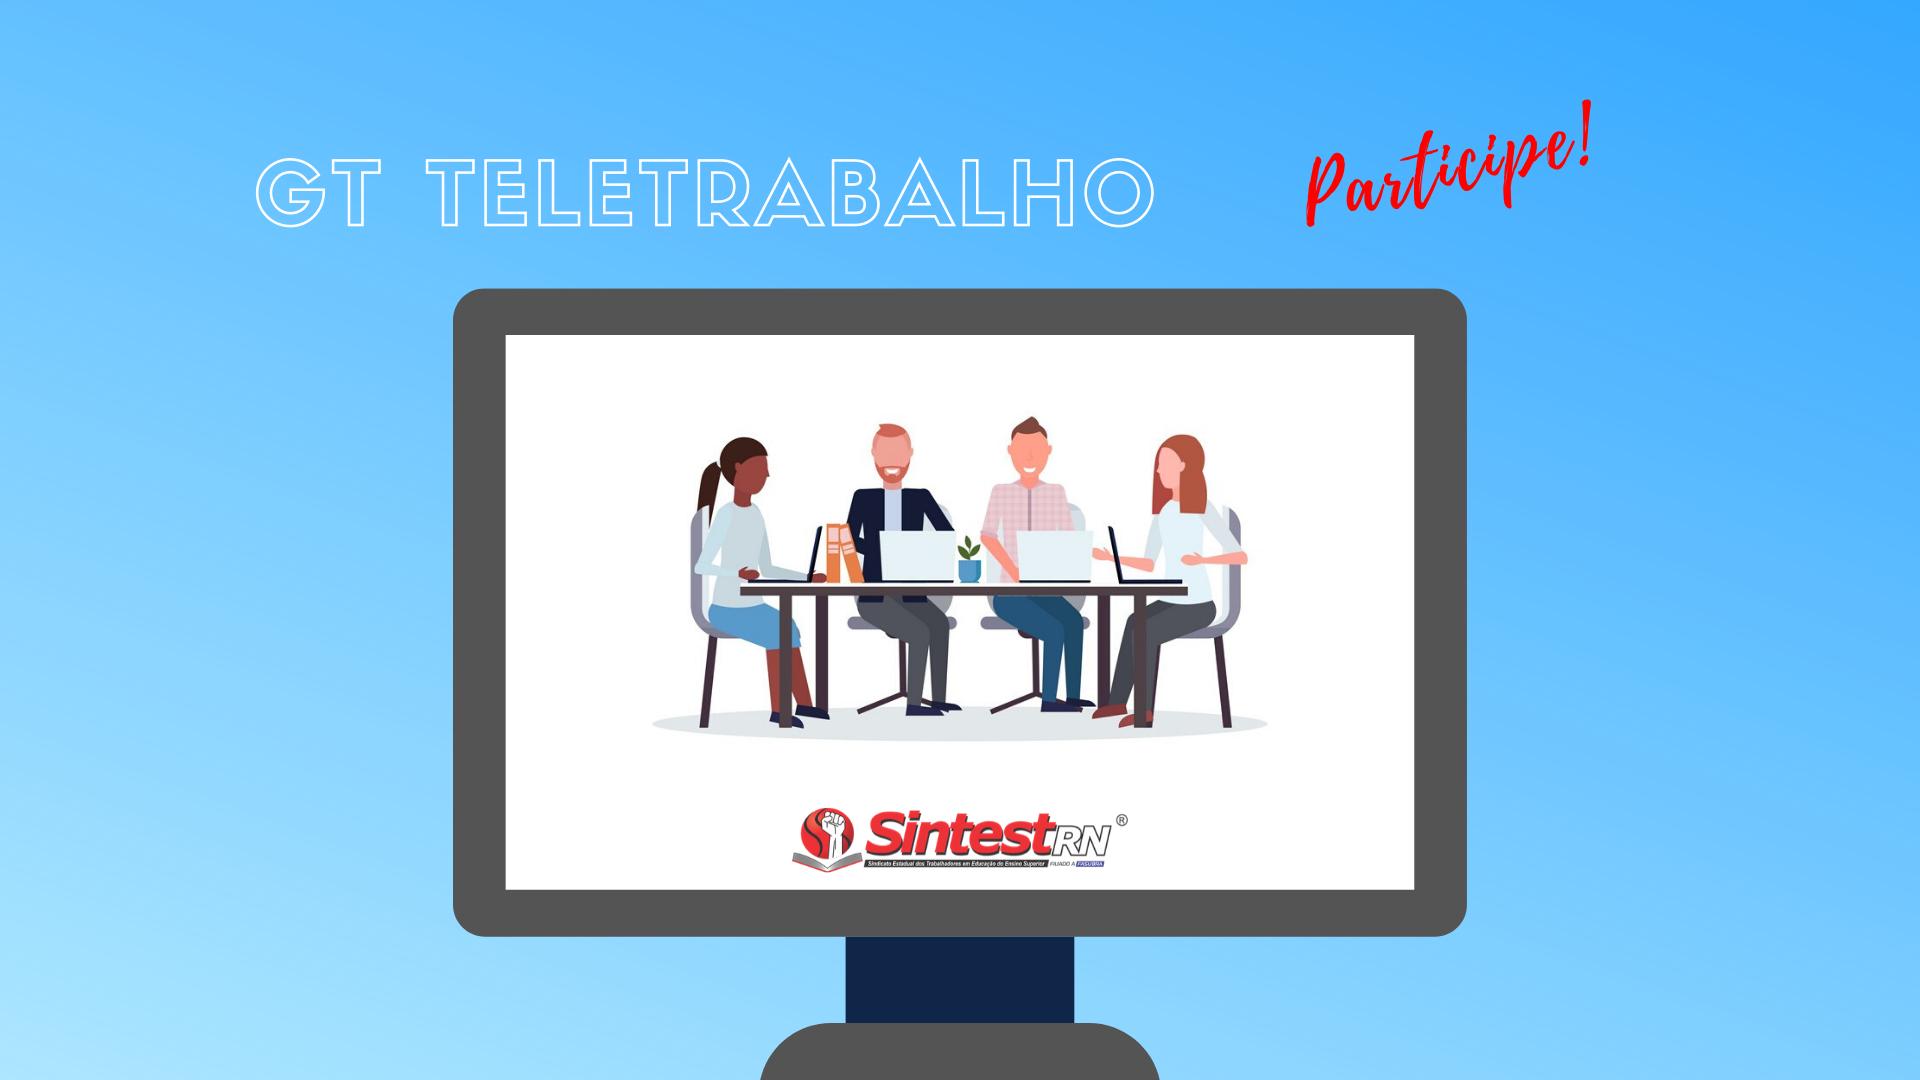 GT Teletrabalho realiza primeira reunião